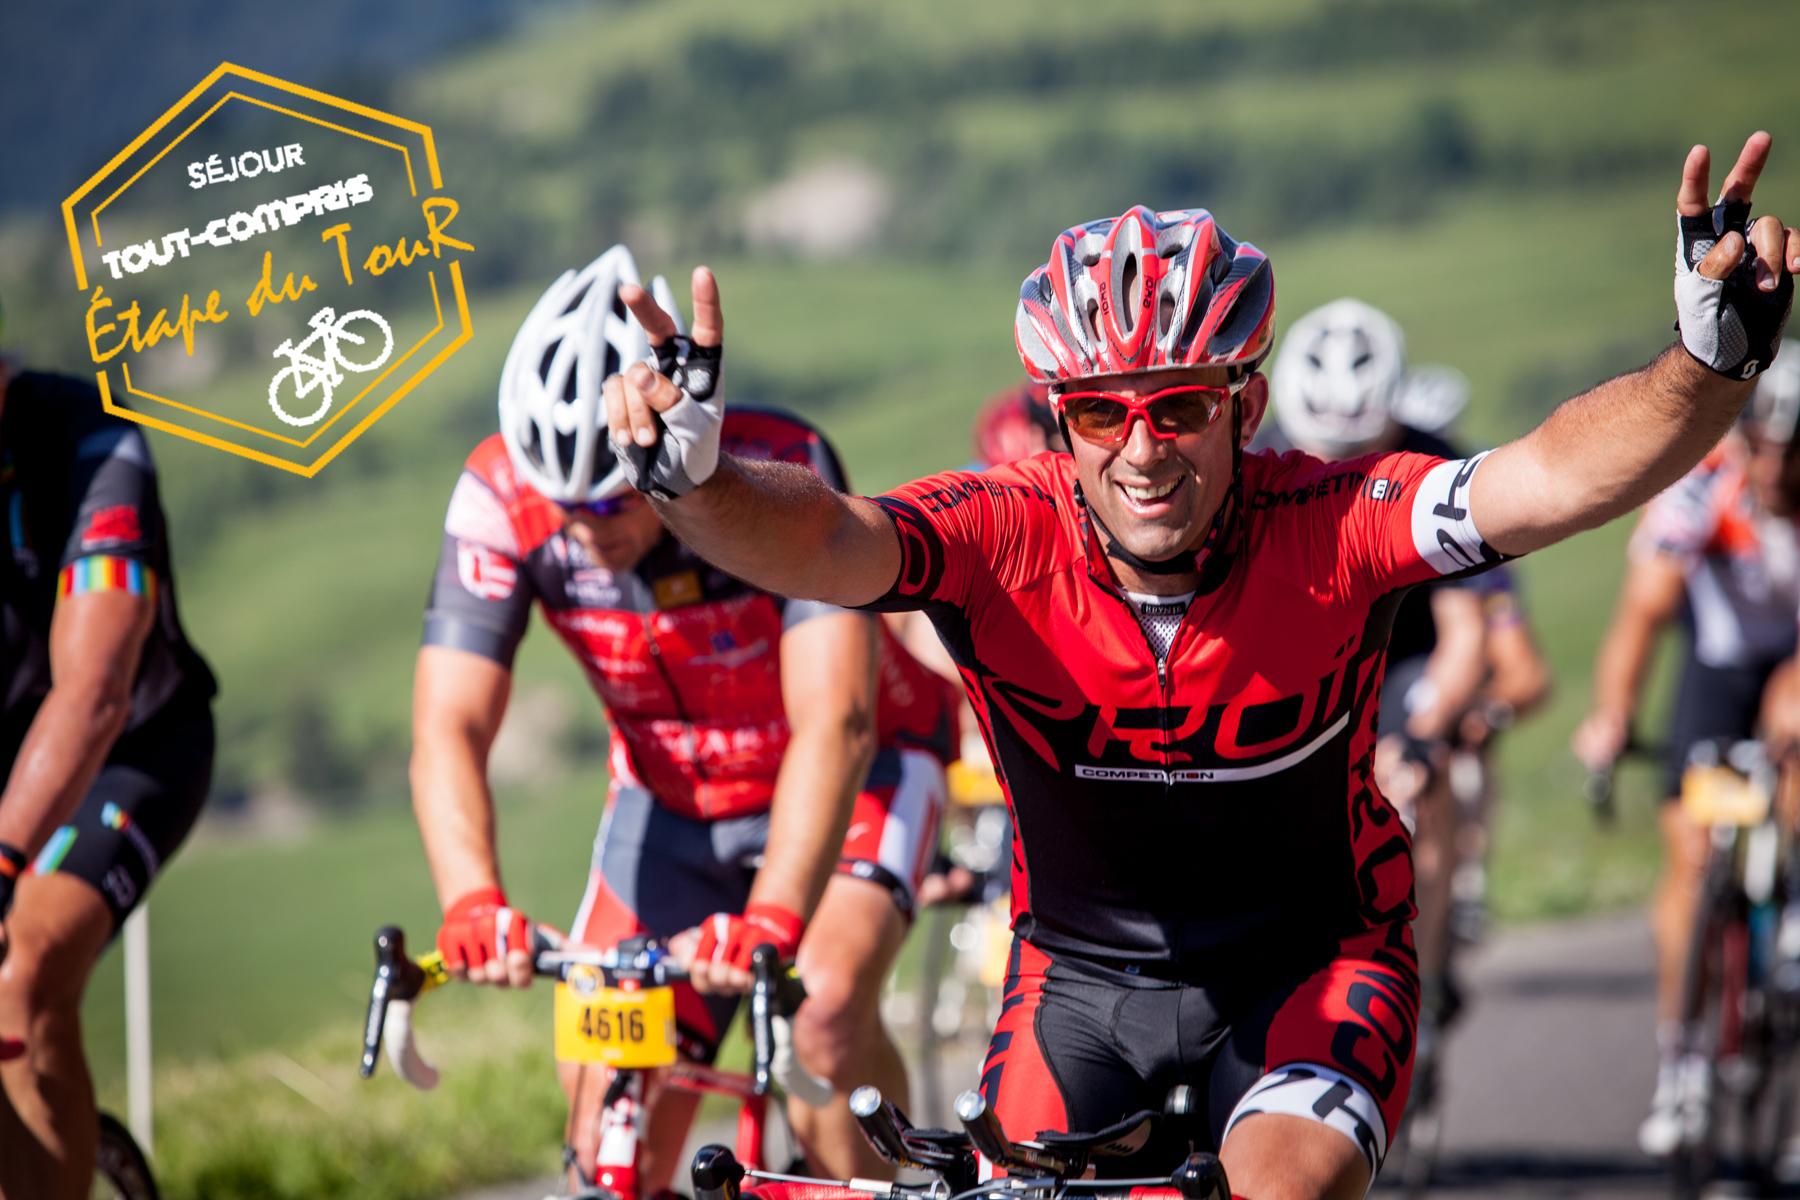 sejour-etape-du-tour-94864